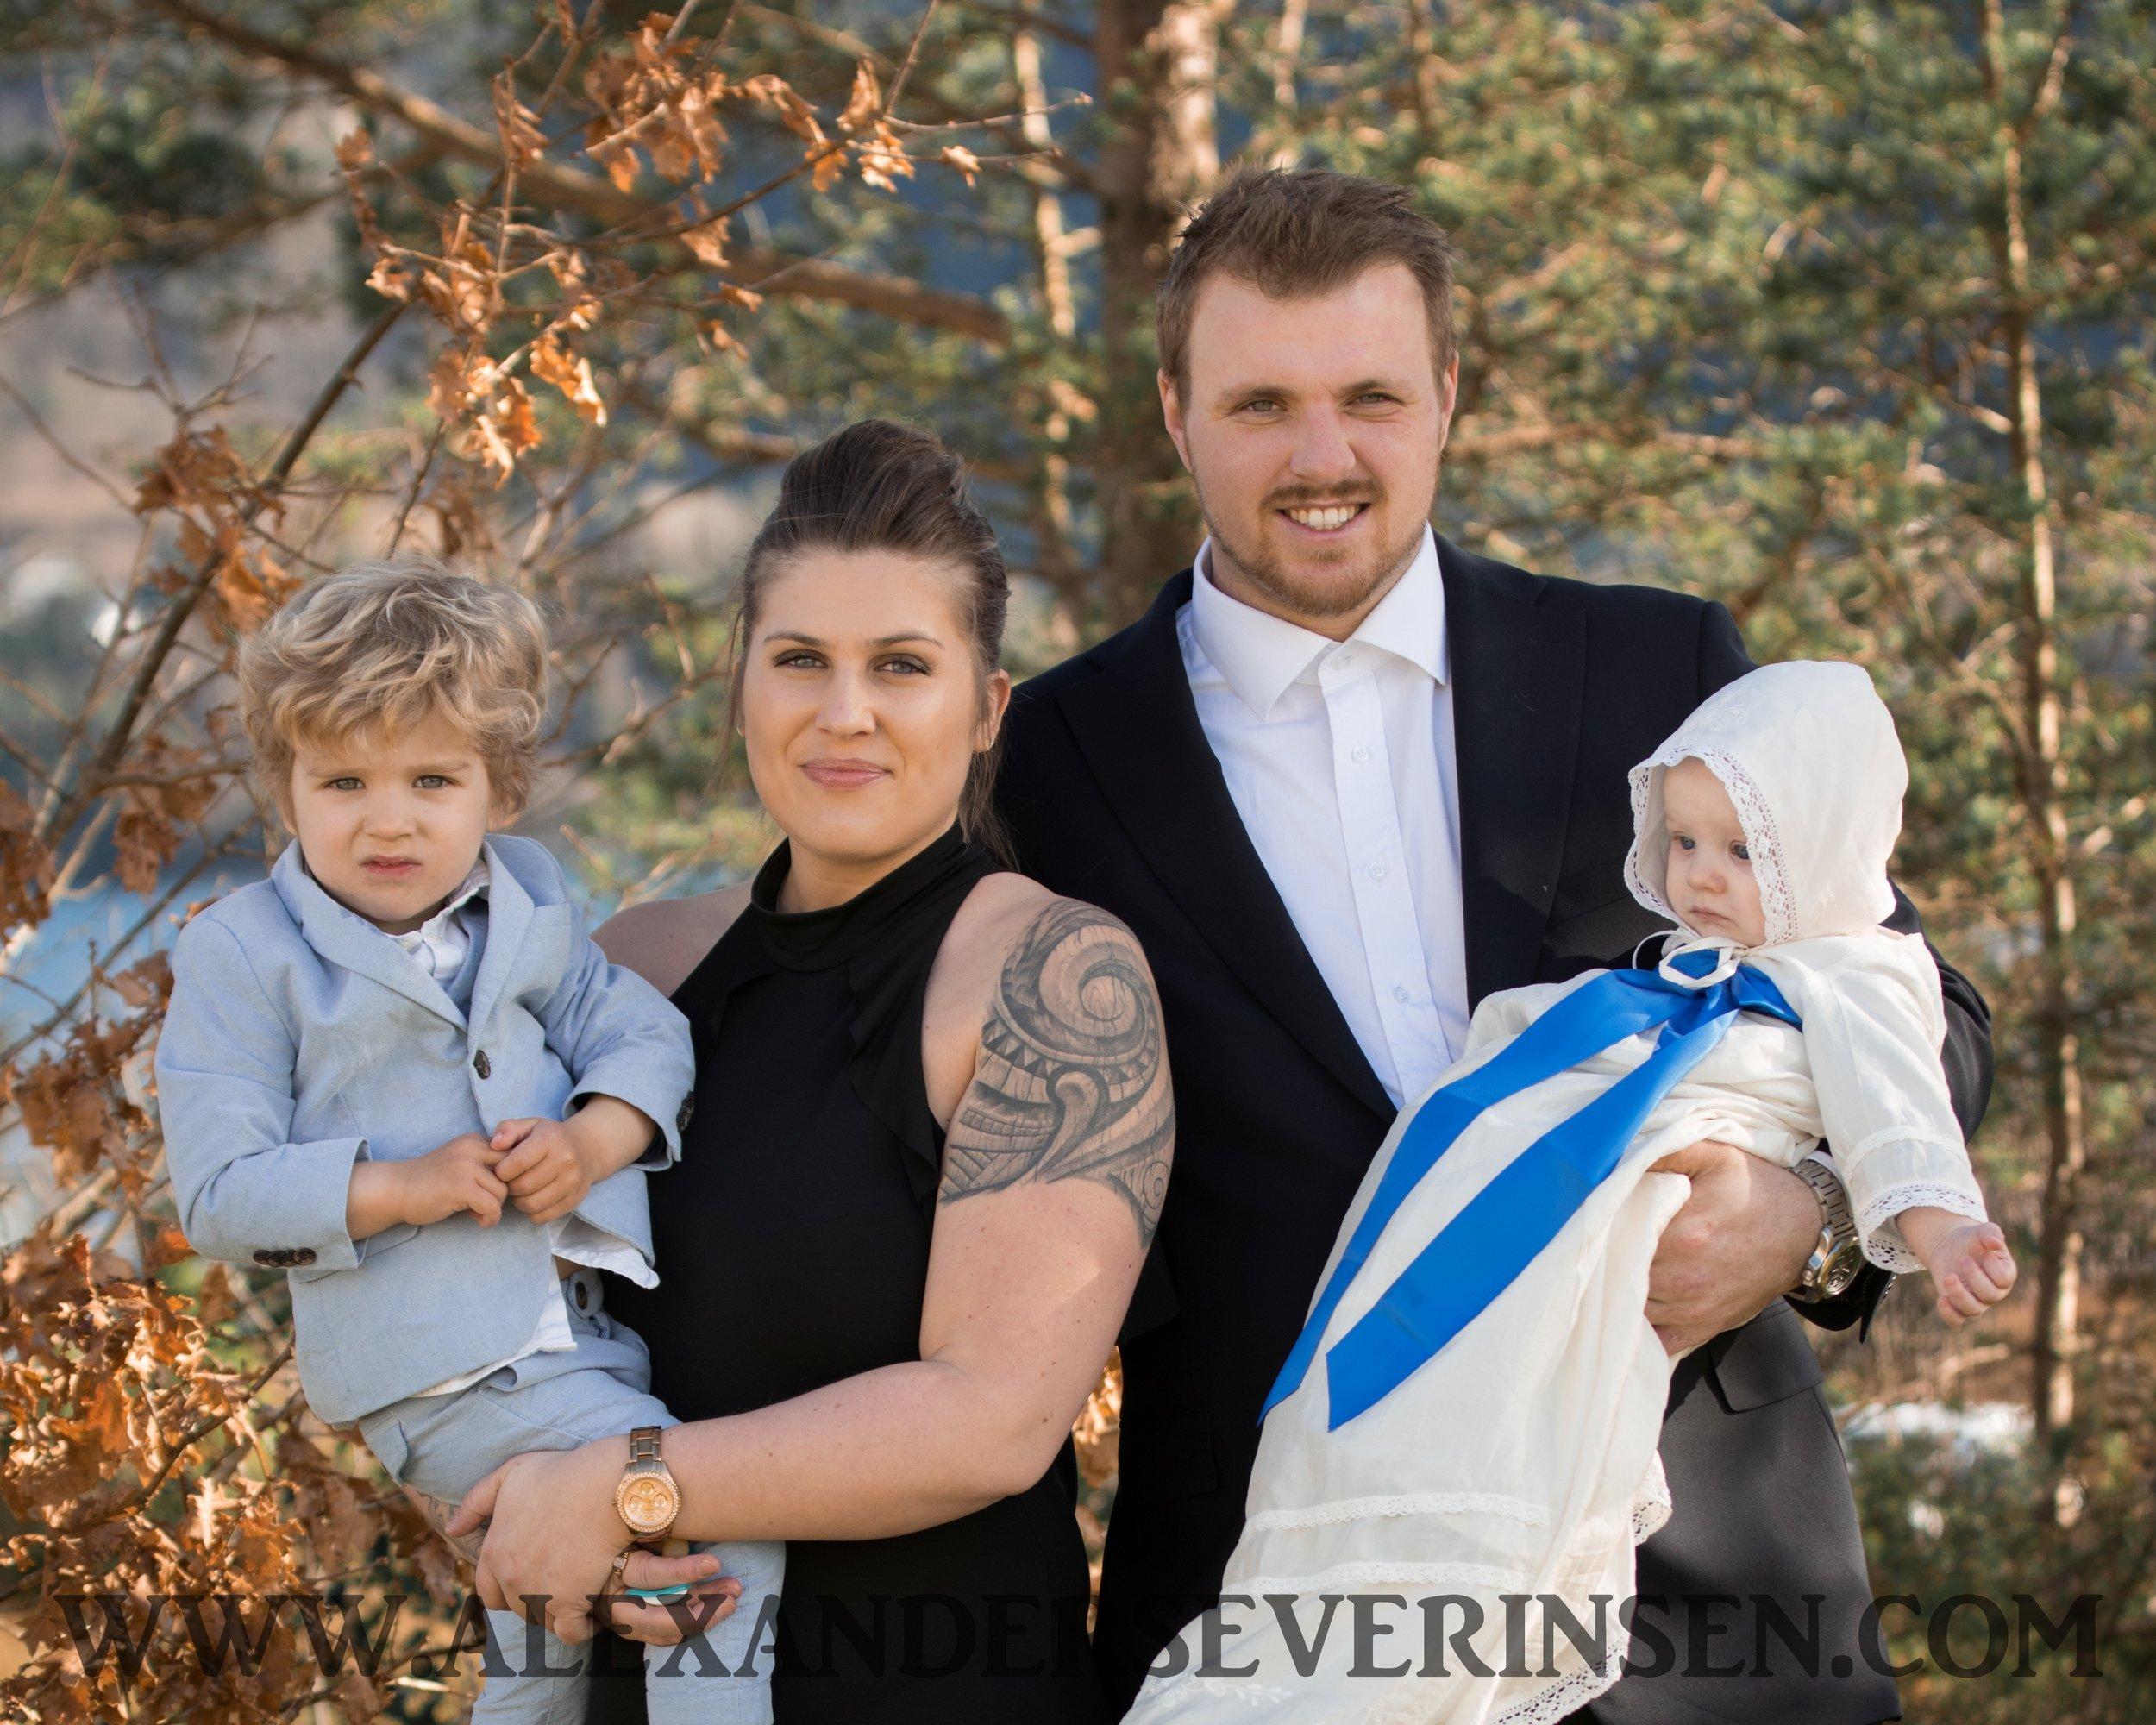 DÅP - *10-15 høyoppløselige bilder i farge, portrettene vil også ha en variant i svarthvitt.*fotografering i kirke under seremoni og etter seremoni med familie,besteforeldre,søsken,faddere osv.*Pris 2999,-